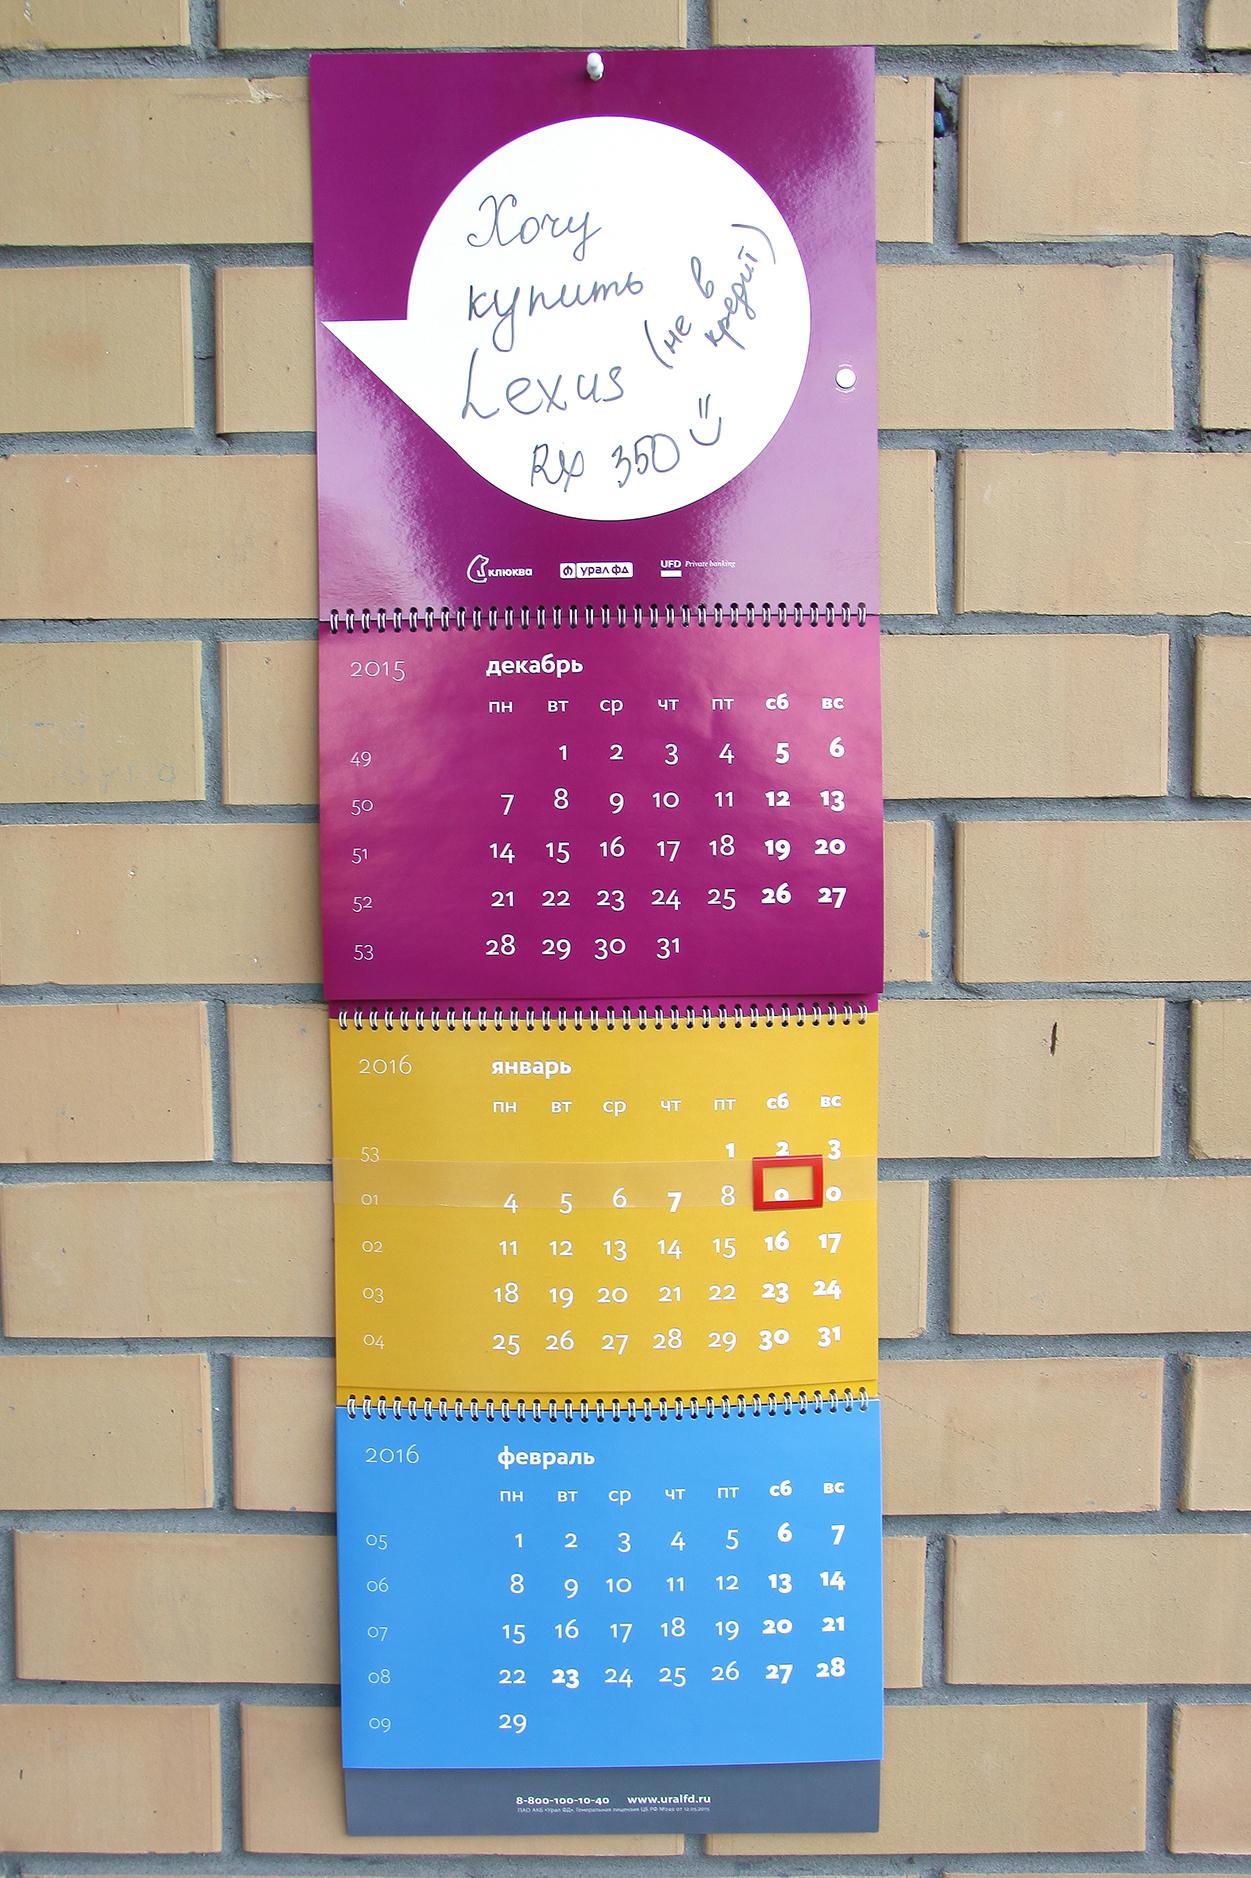 Квартальный календарь исполнения желаний